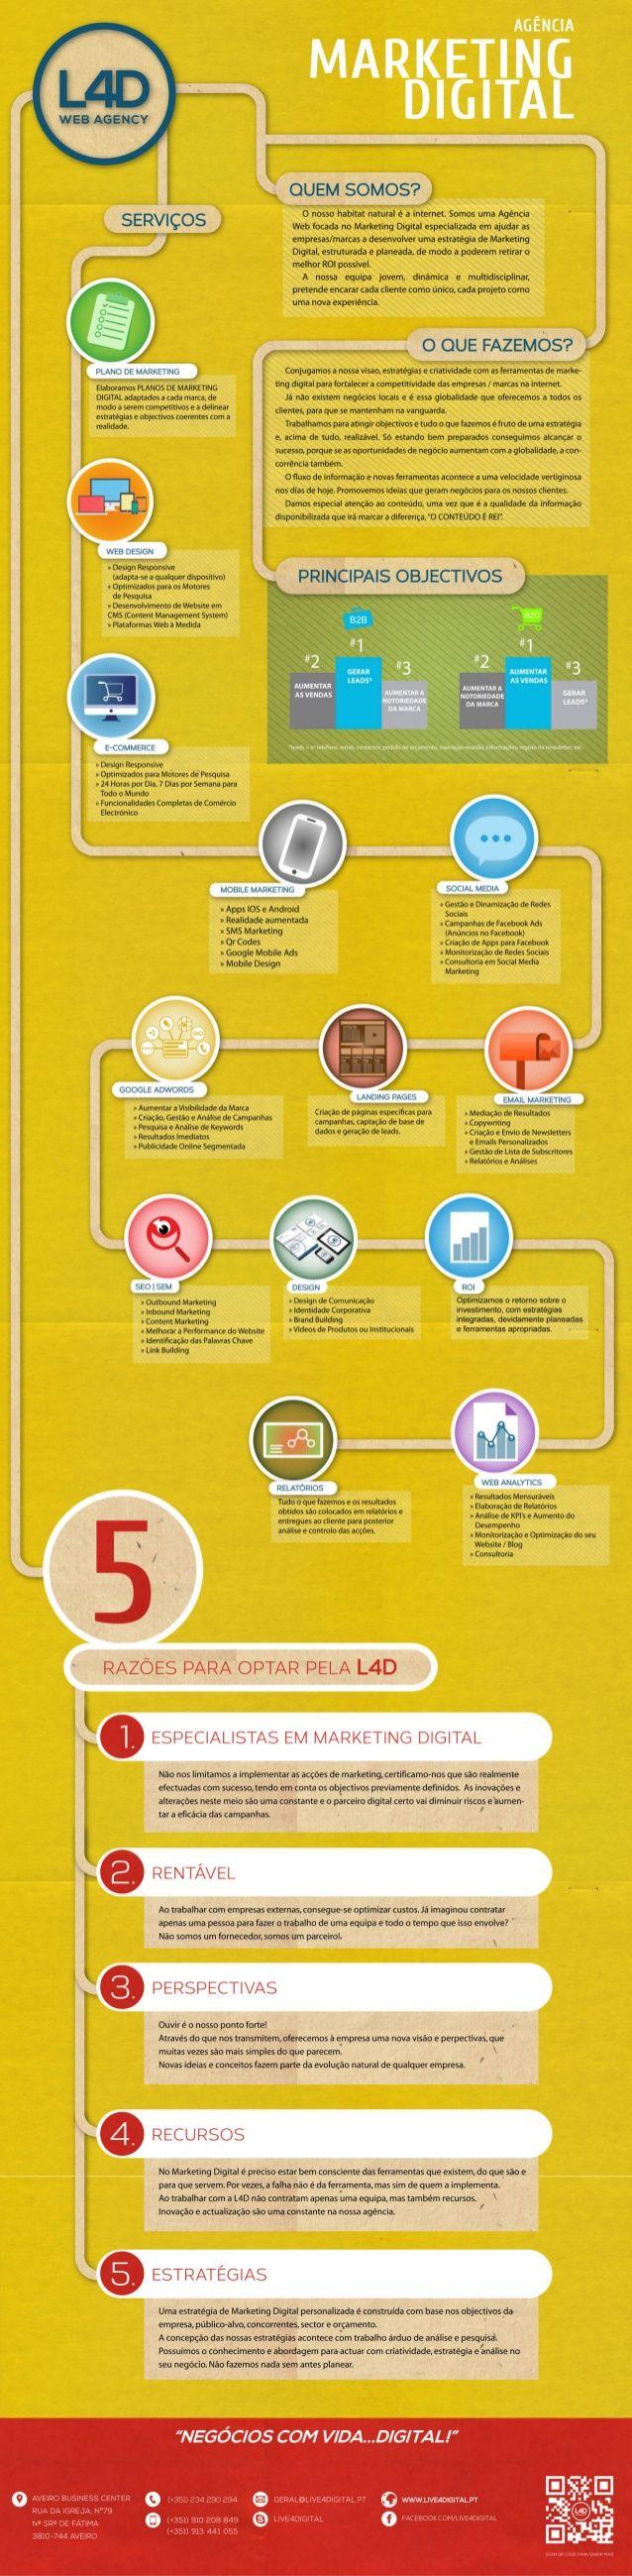 5 motivos para escolher uma Agencia de Marketing Digital (Infográfi...